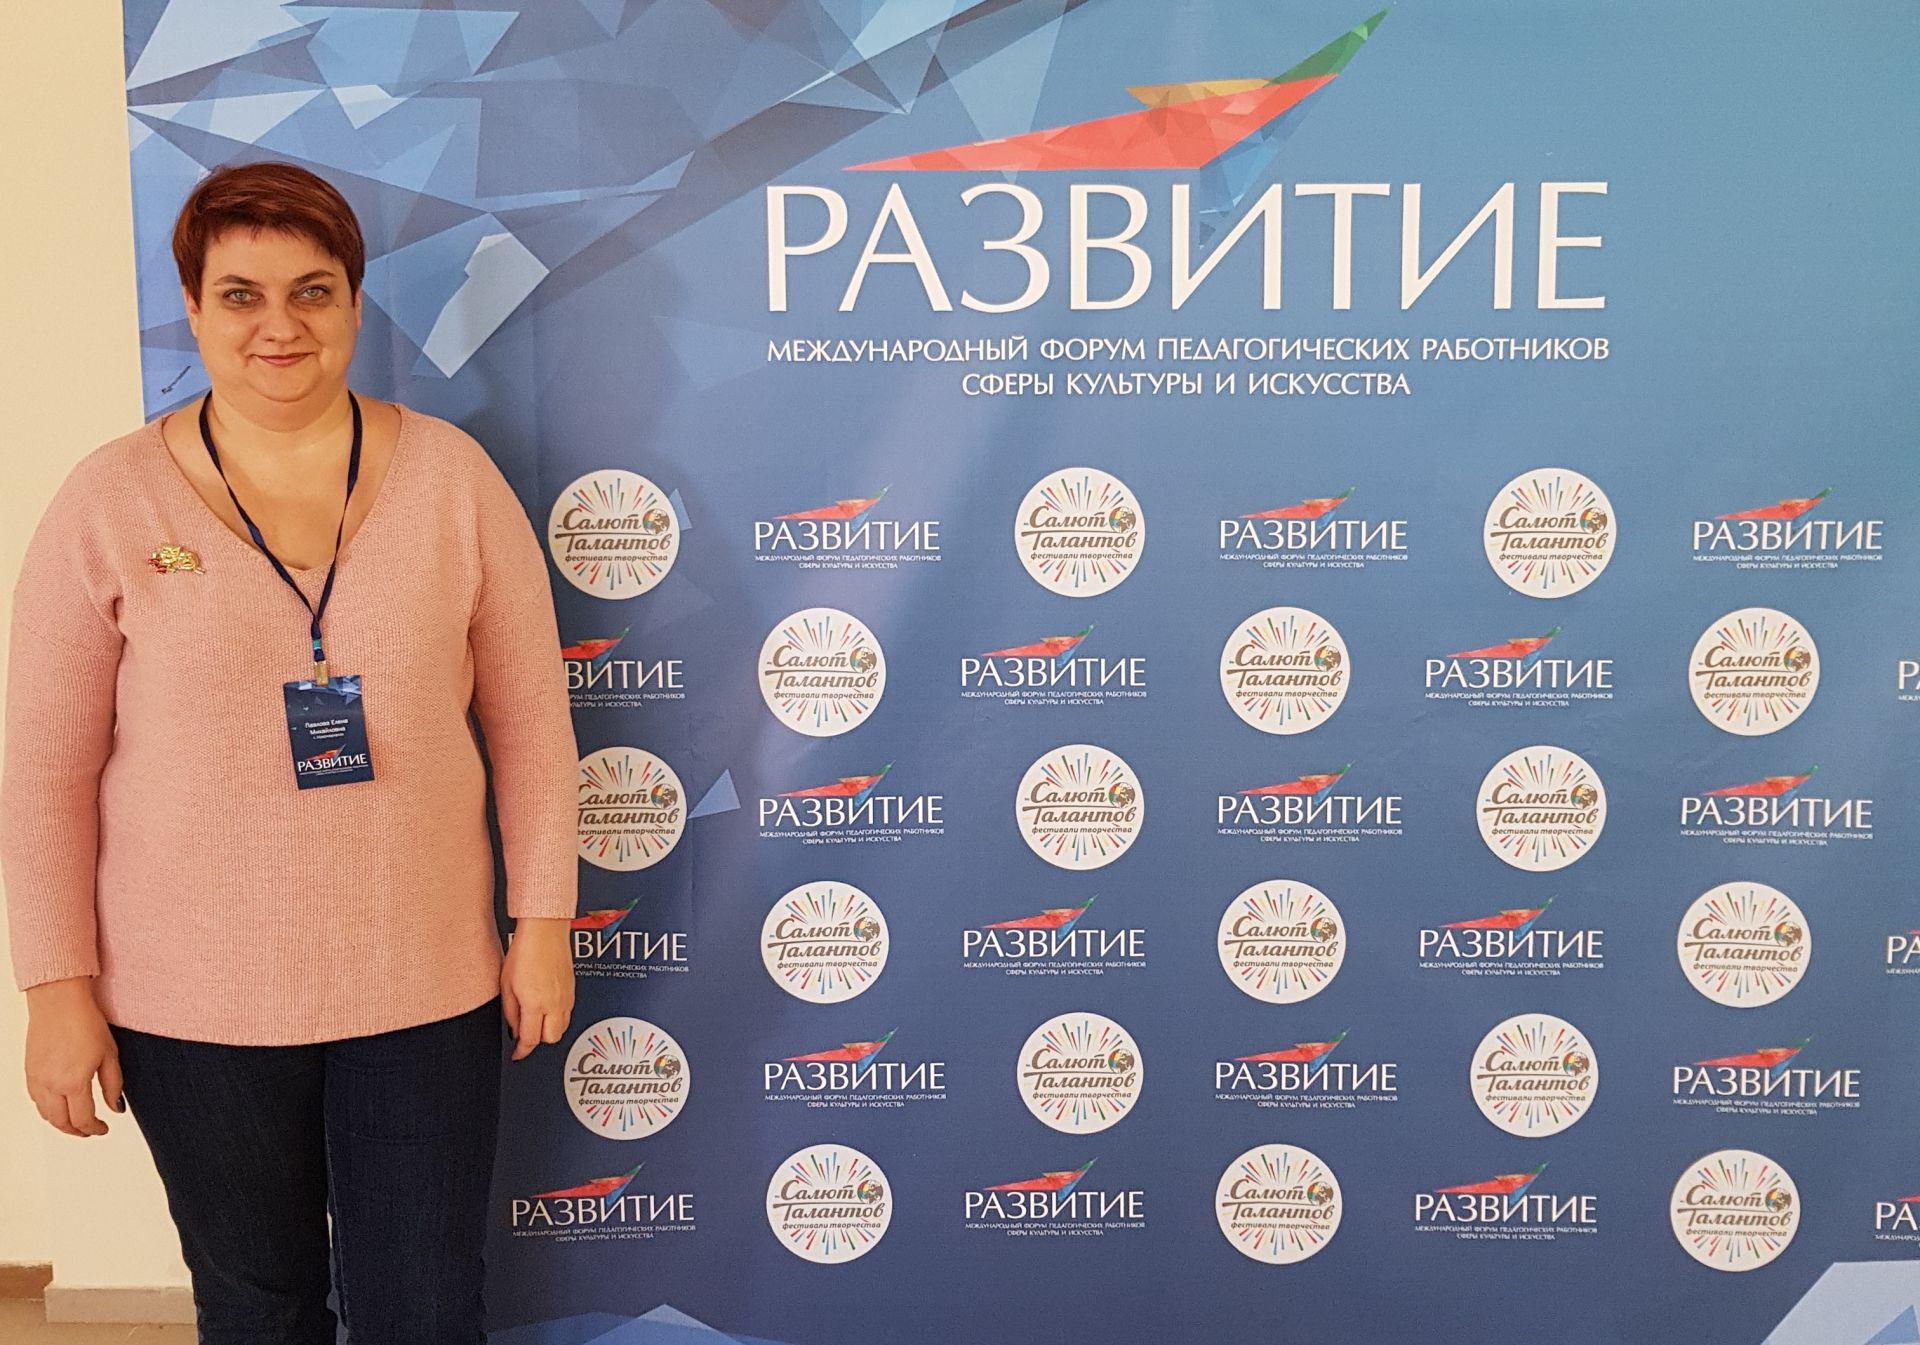 доска объявлений геи форум педагоги россии